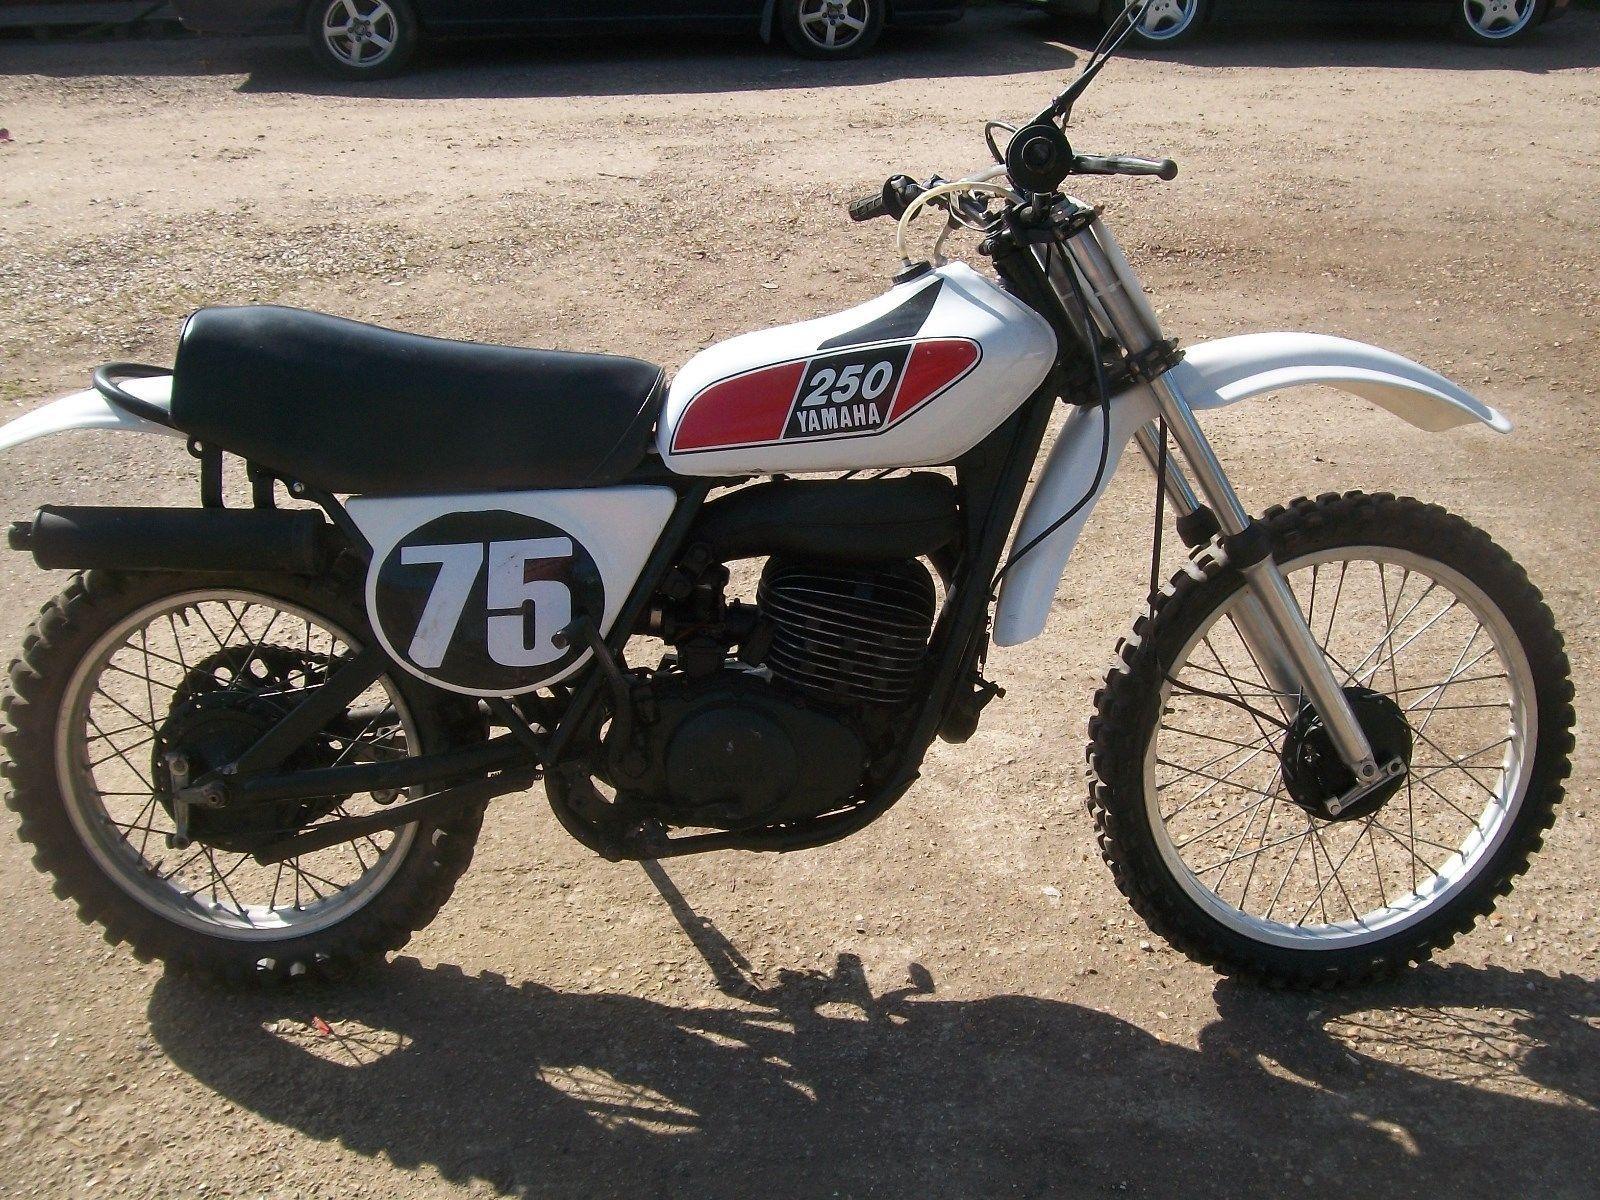 Ebay Yamaha Dt 250 Mx 1975 Uk Bike Natching Numbers